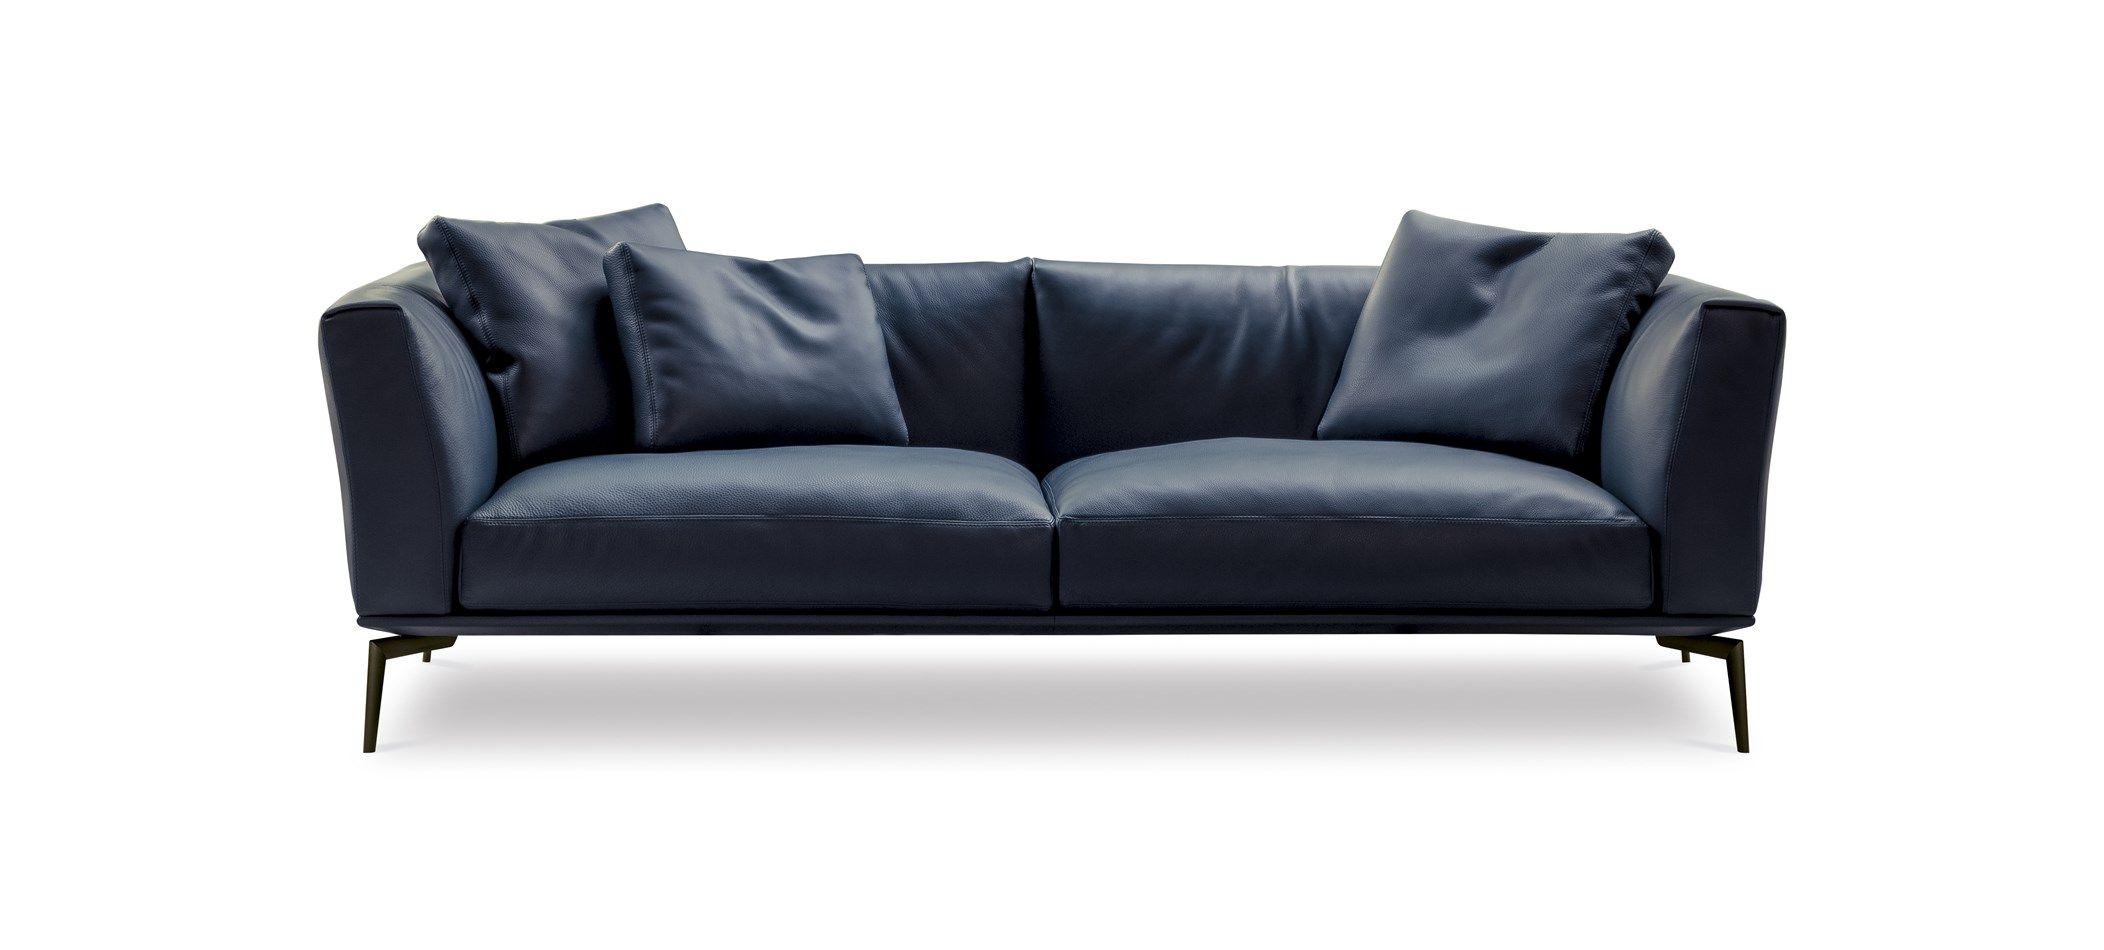 Il nuovo orizzonte del comfort for Rizzo arreda